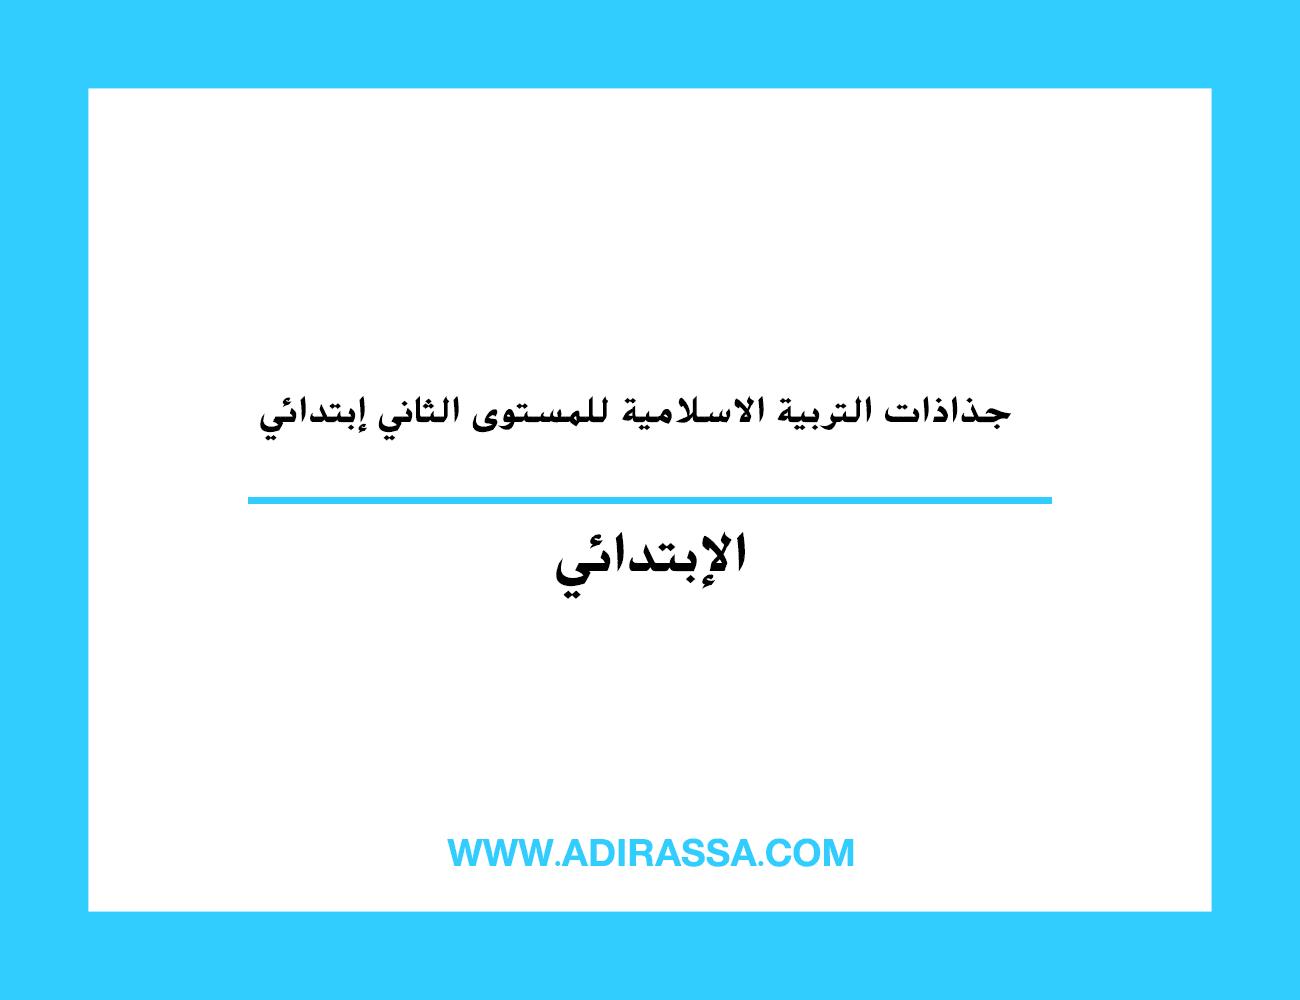 جذاذات التربية الاسلامية للمستوى الثاني إبتدائي بالمدرسة المغربية